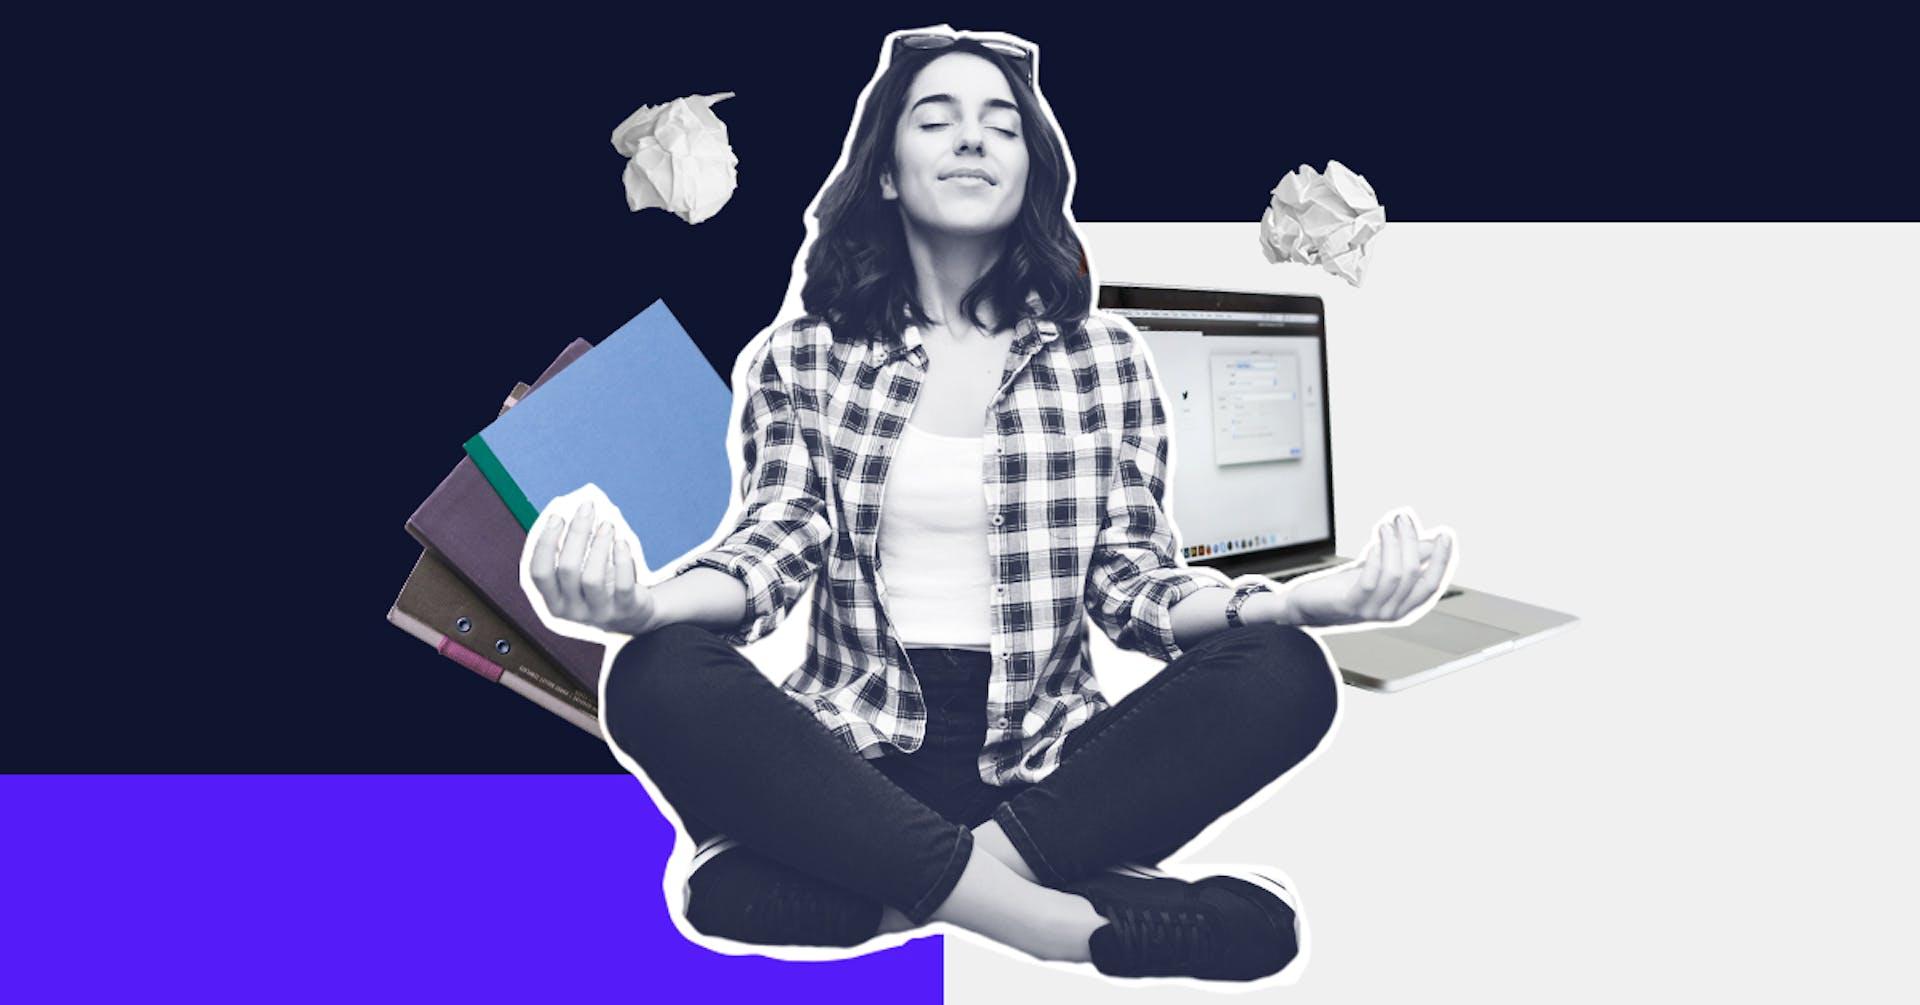 Inteligencia emocional en el trabajo: ¿Cómo trabajar mis emociones sin llorar en el intento?